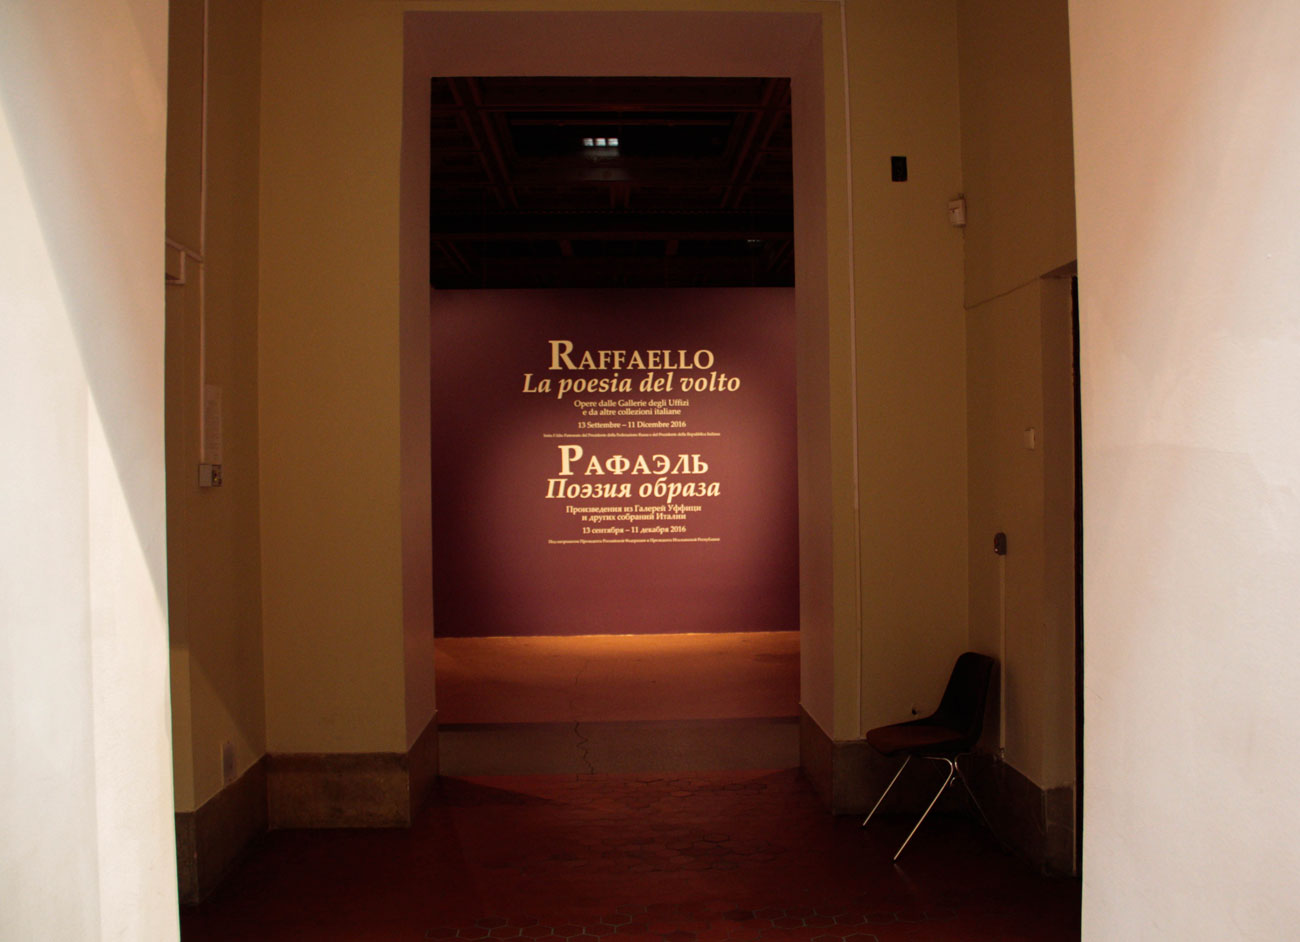 """Il 13 settembre 2016 al museo Pushkin di Mosca verrà inaugurata la mostra """"Raffaello e la poesia del volto"""""""